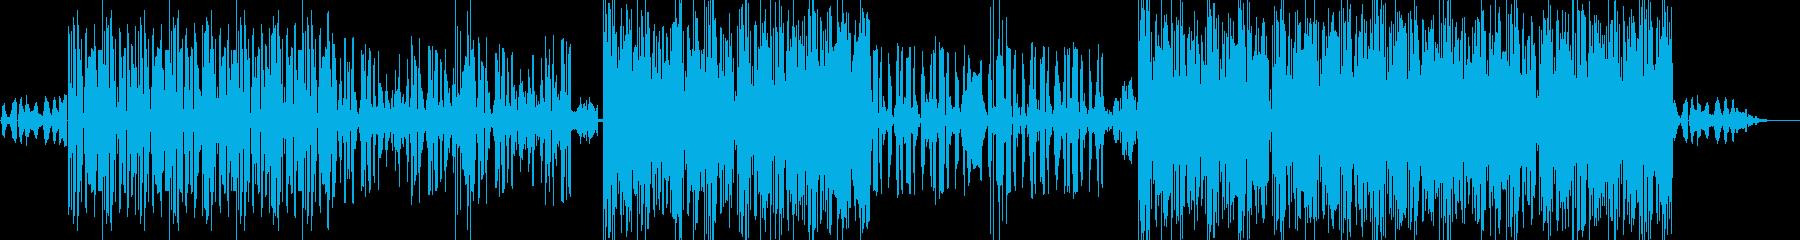 無機質な四つ打ちBGMの再生済みの波形